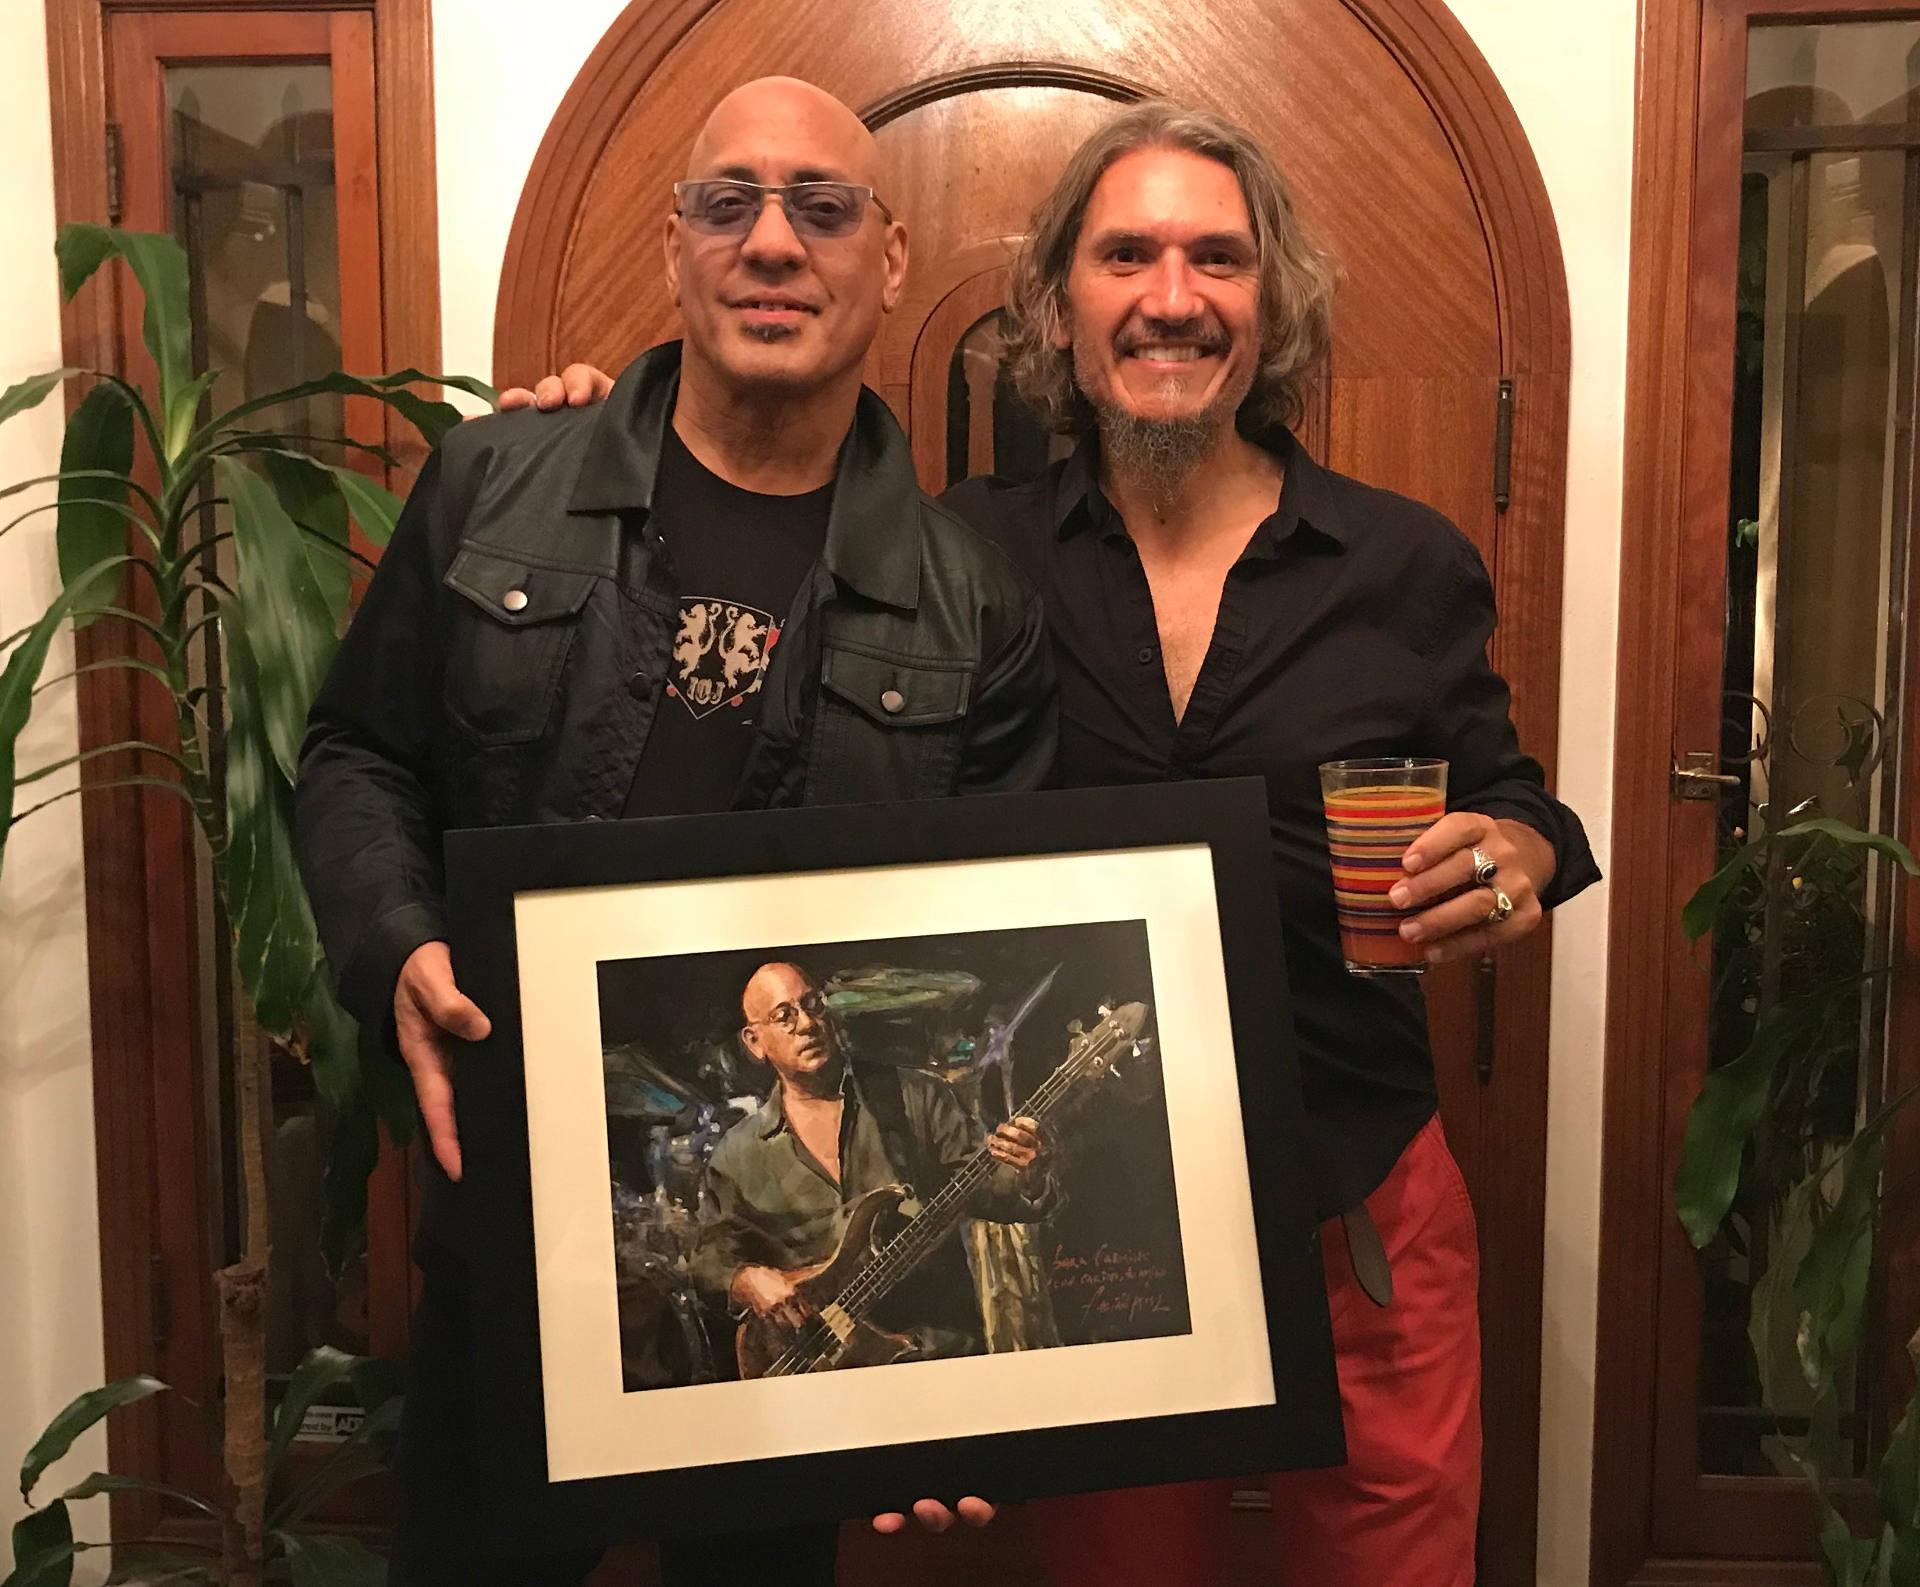 Carmine Rojas holding portrait next to Fabian Perez